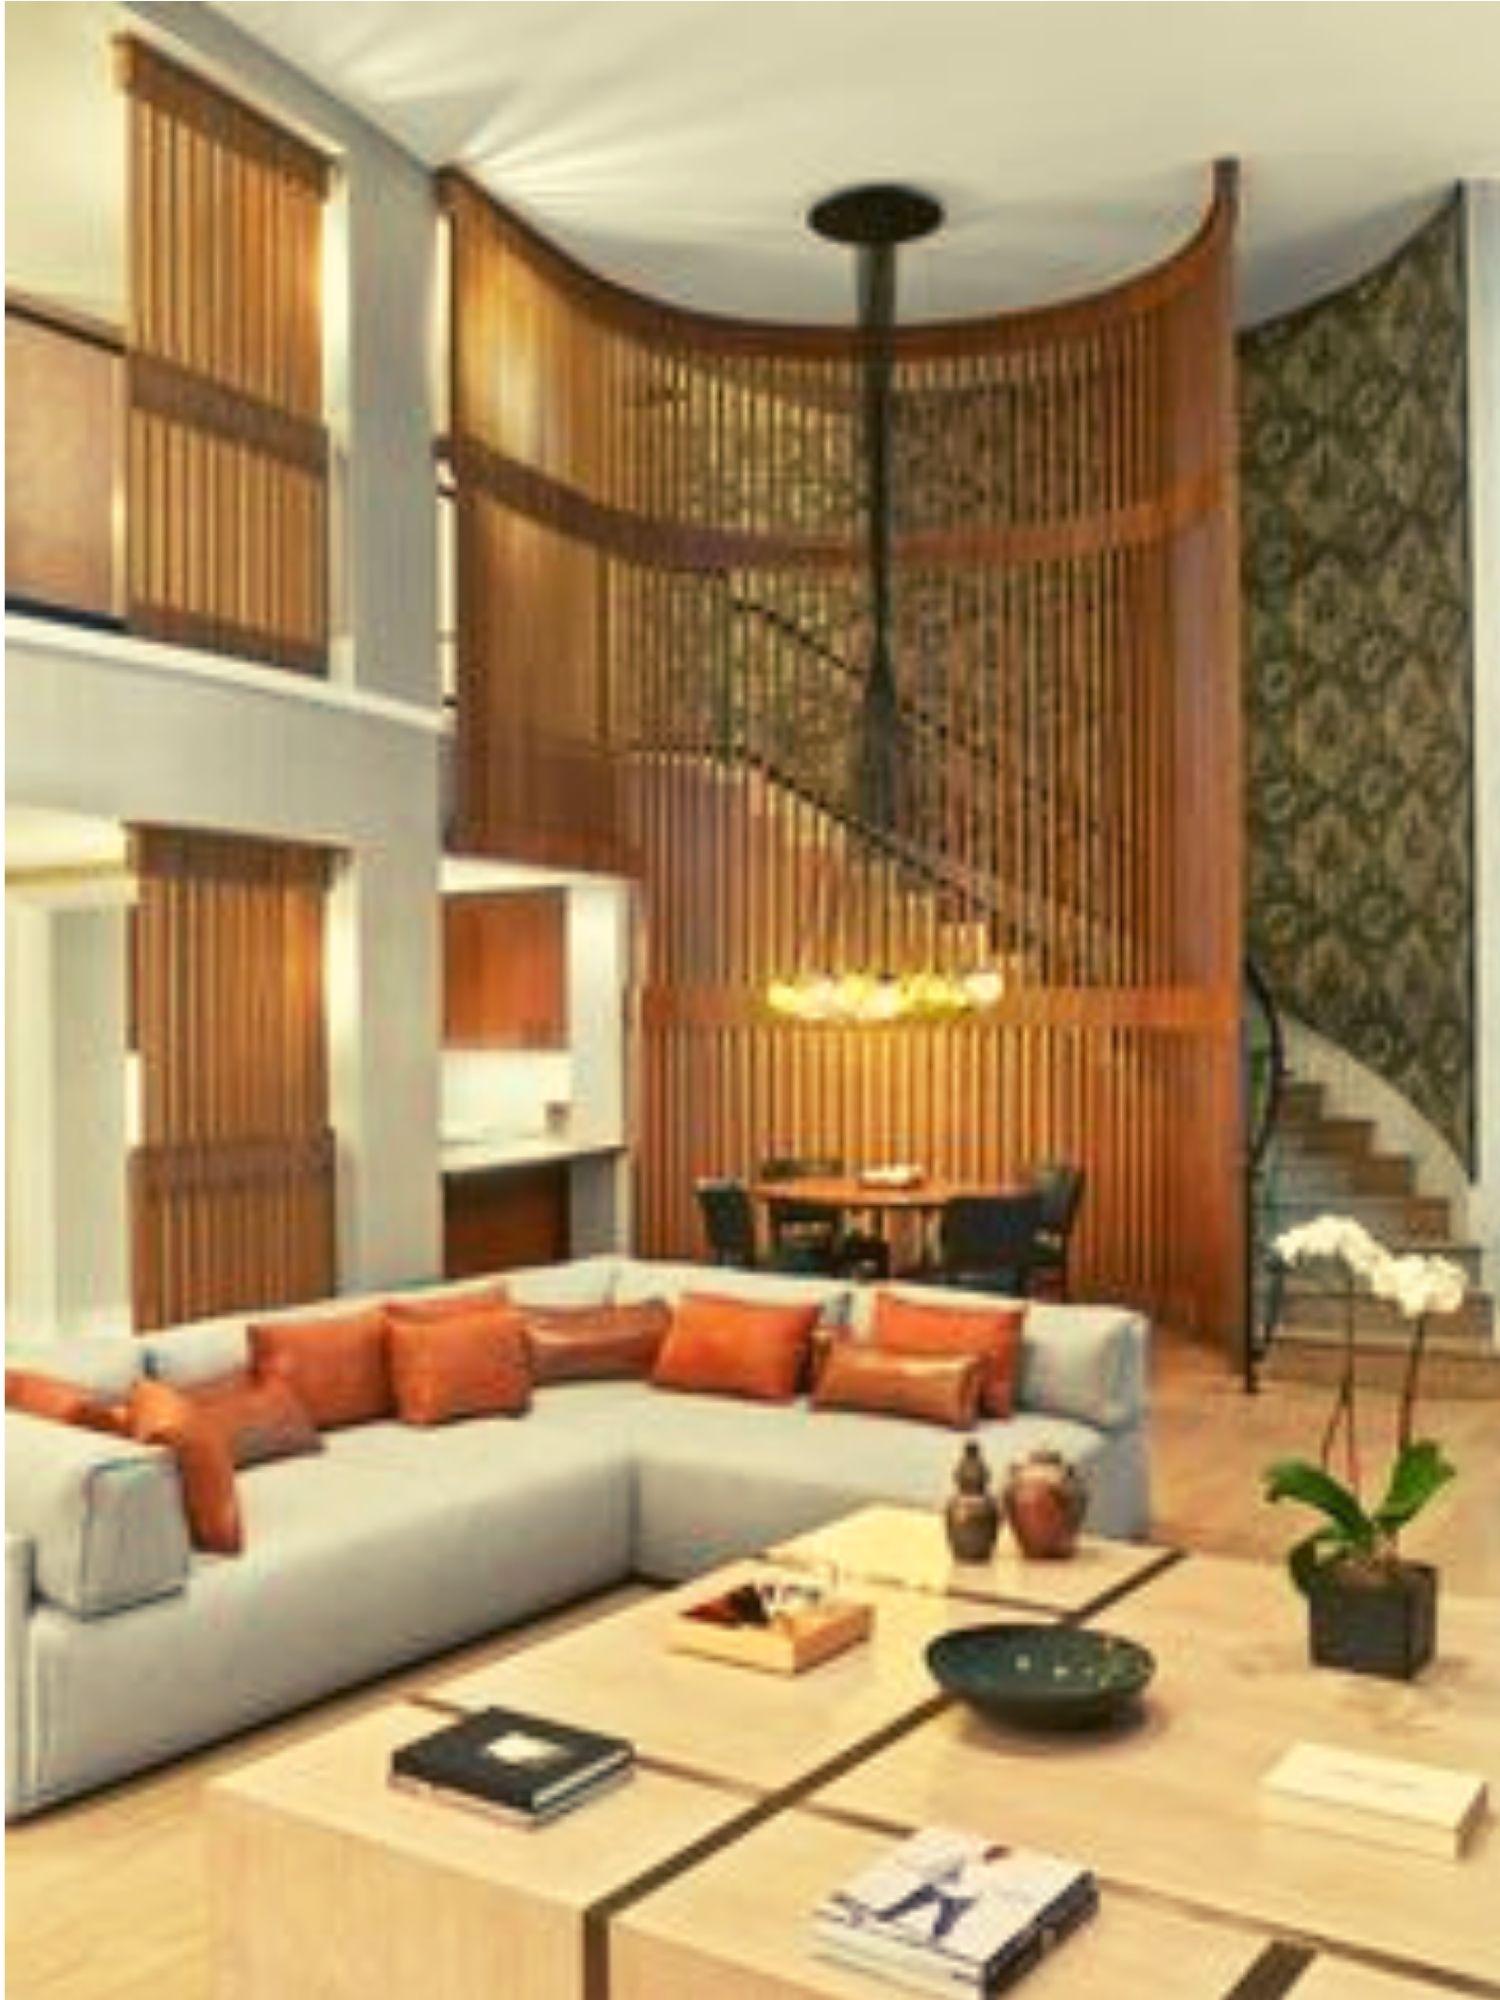 Top 7 Modern Interior Design Concepts Luxury Home Decor Contemporary Home Decor Luxury Interior Design